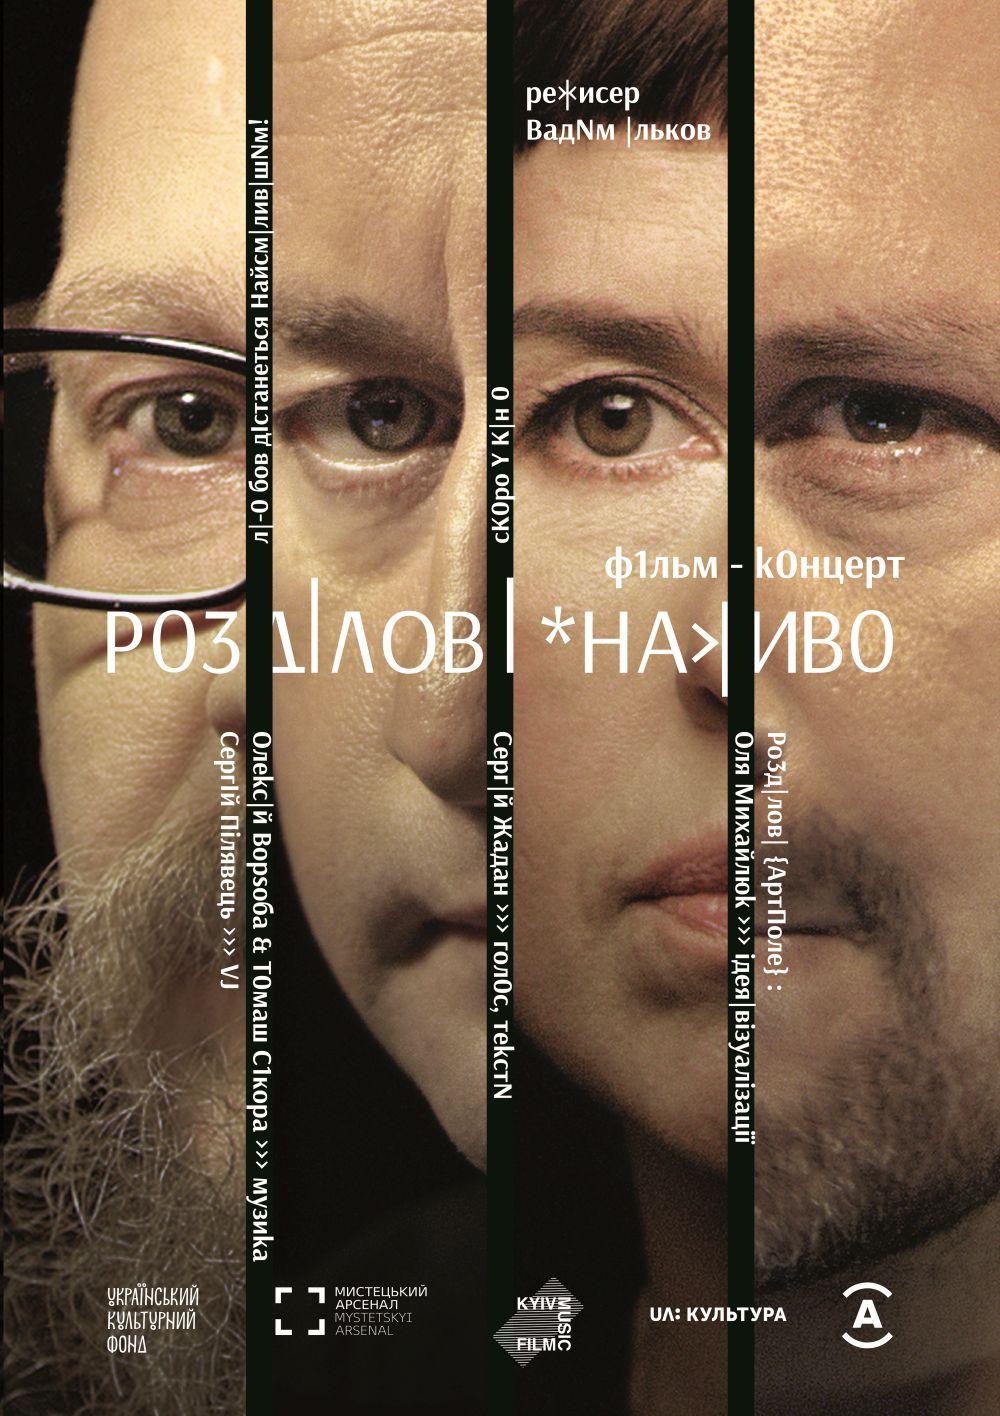 Фільм-концерт «Розділові Наживо» виходить онлайн